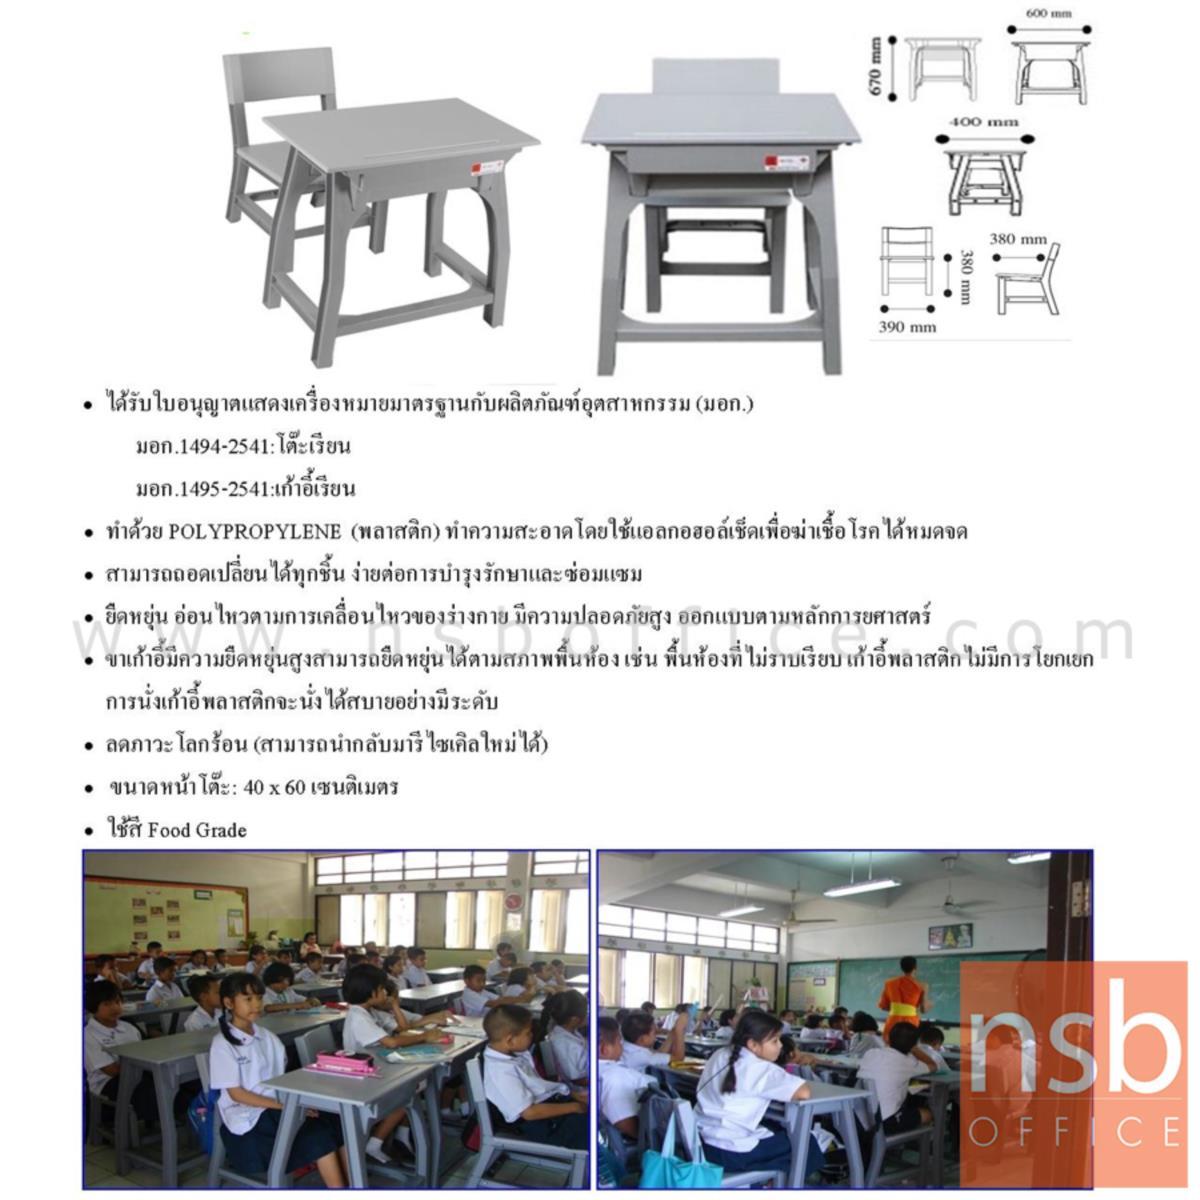 ชุดโต๊ะและเก้าอี้นักเรียน รุ่น TH-1M  ระดับชั้นประถม ขาพลาสติก